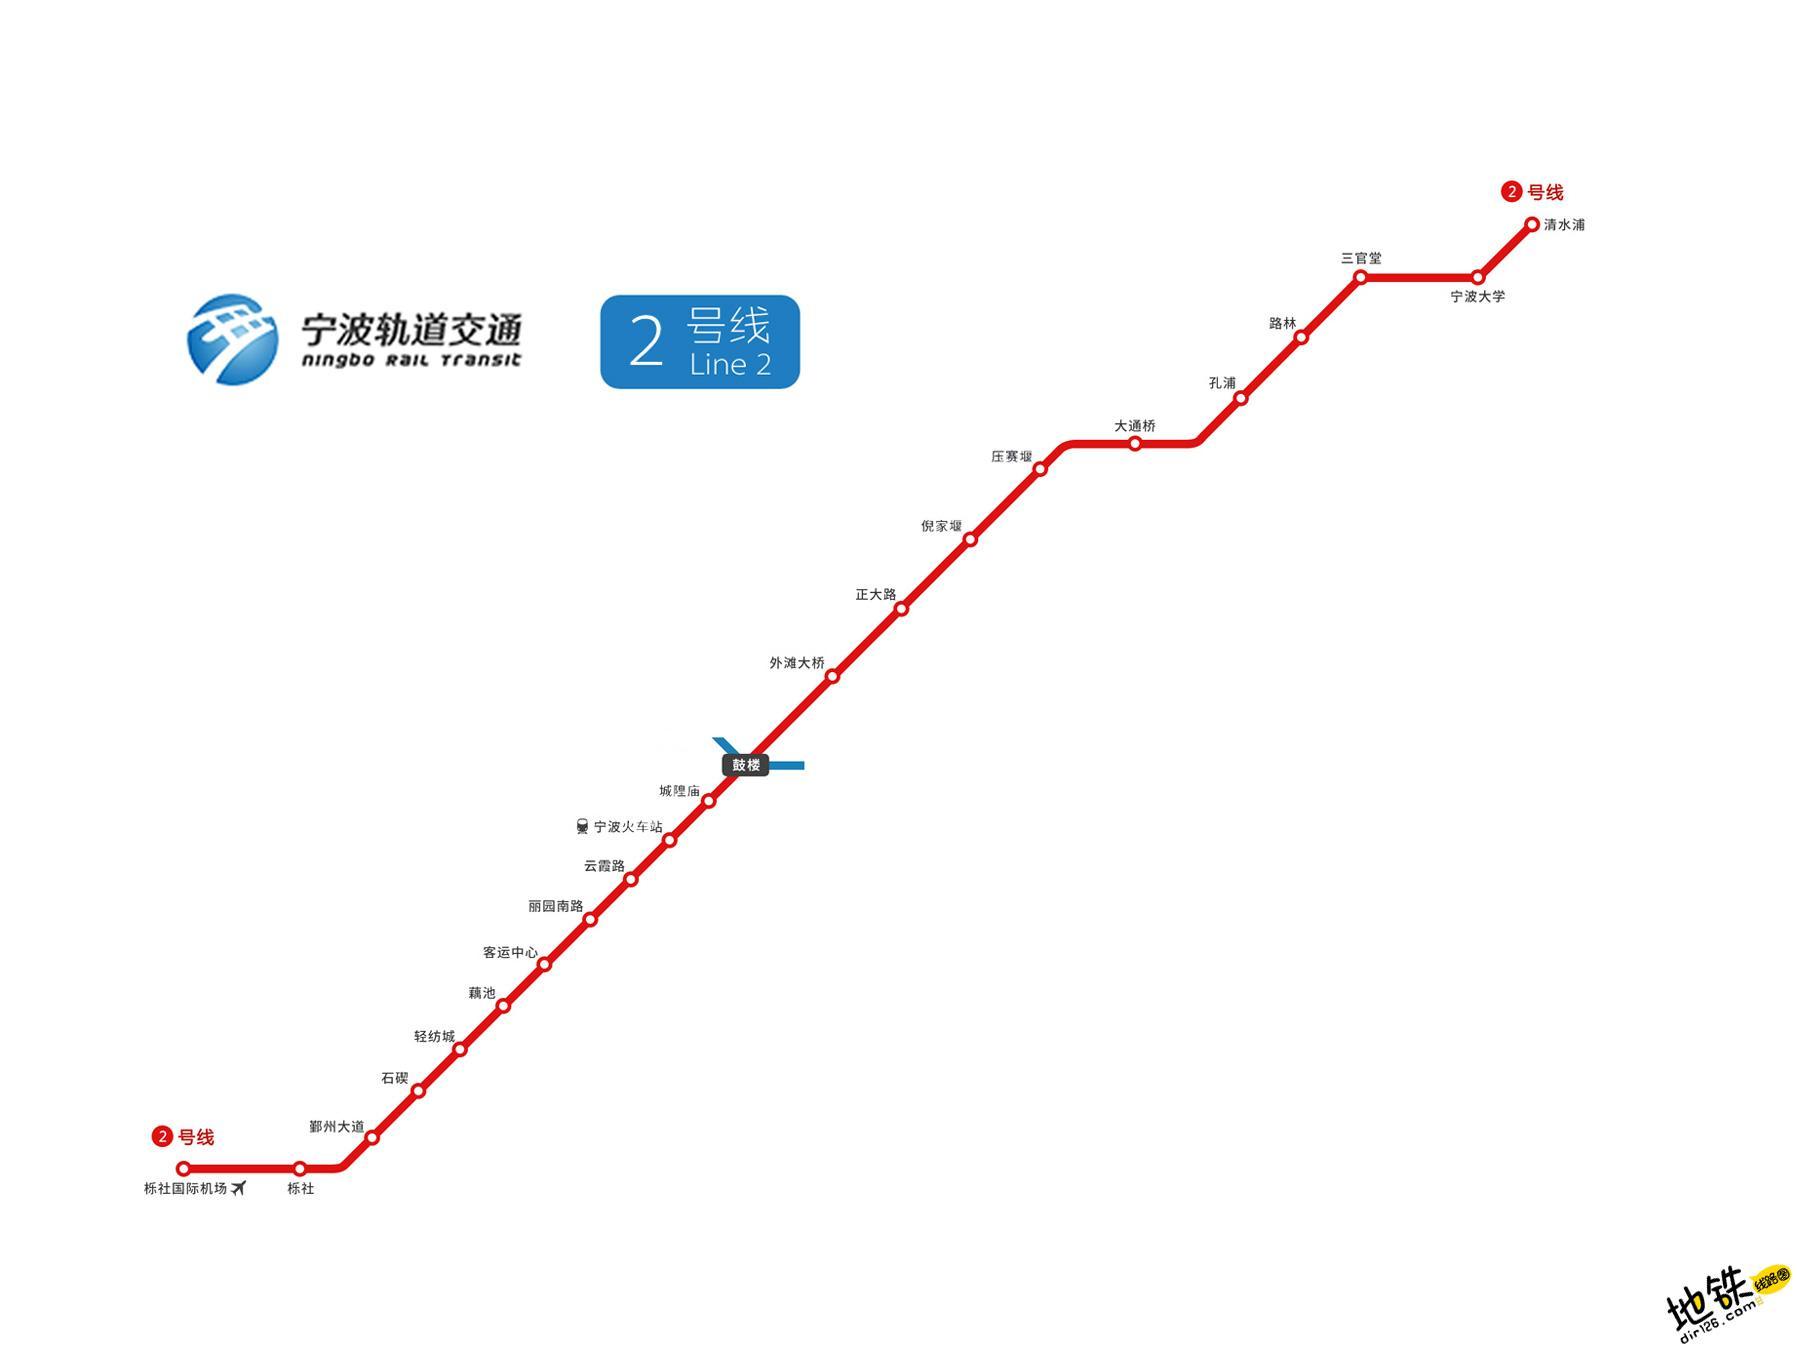 宁波地铁2号线线路图 运营时间票价站点 查询下载 宁波地铁2号线查询 宁波地铁2号线运营时间 宁波地铁2号线线路图 宁波地铁2号线 宁波地铁二号线 宁波地铁线路图  第2张